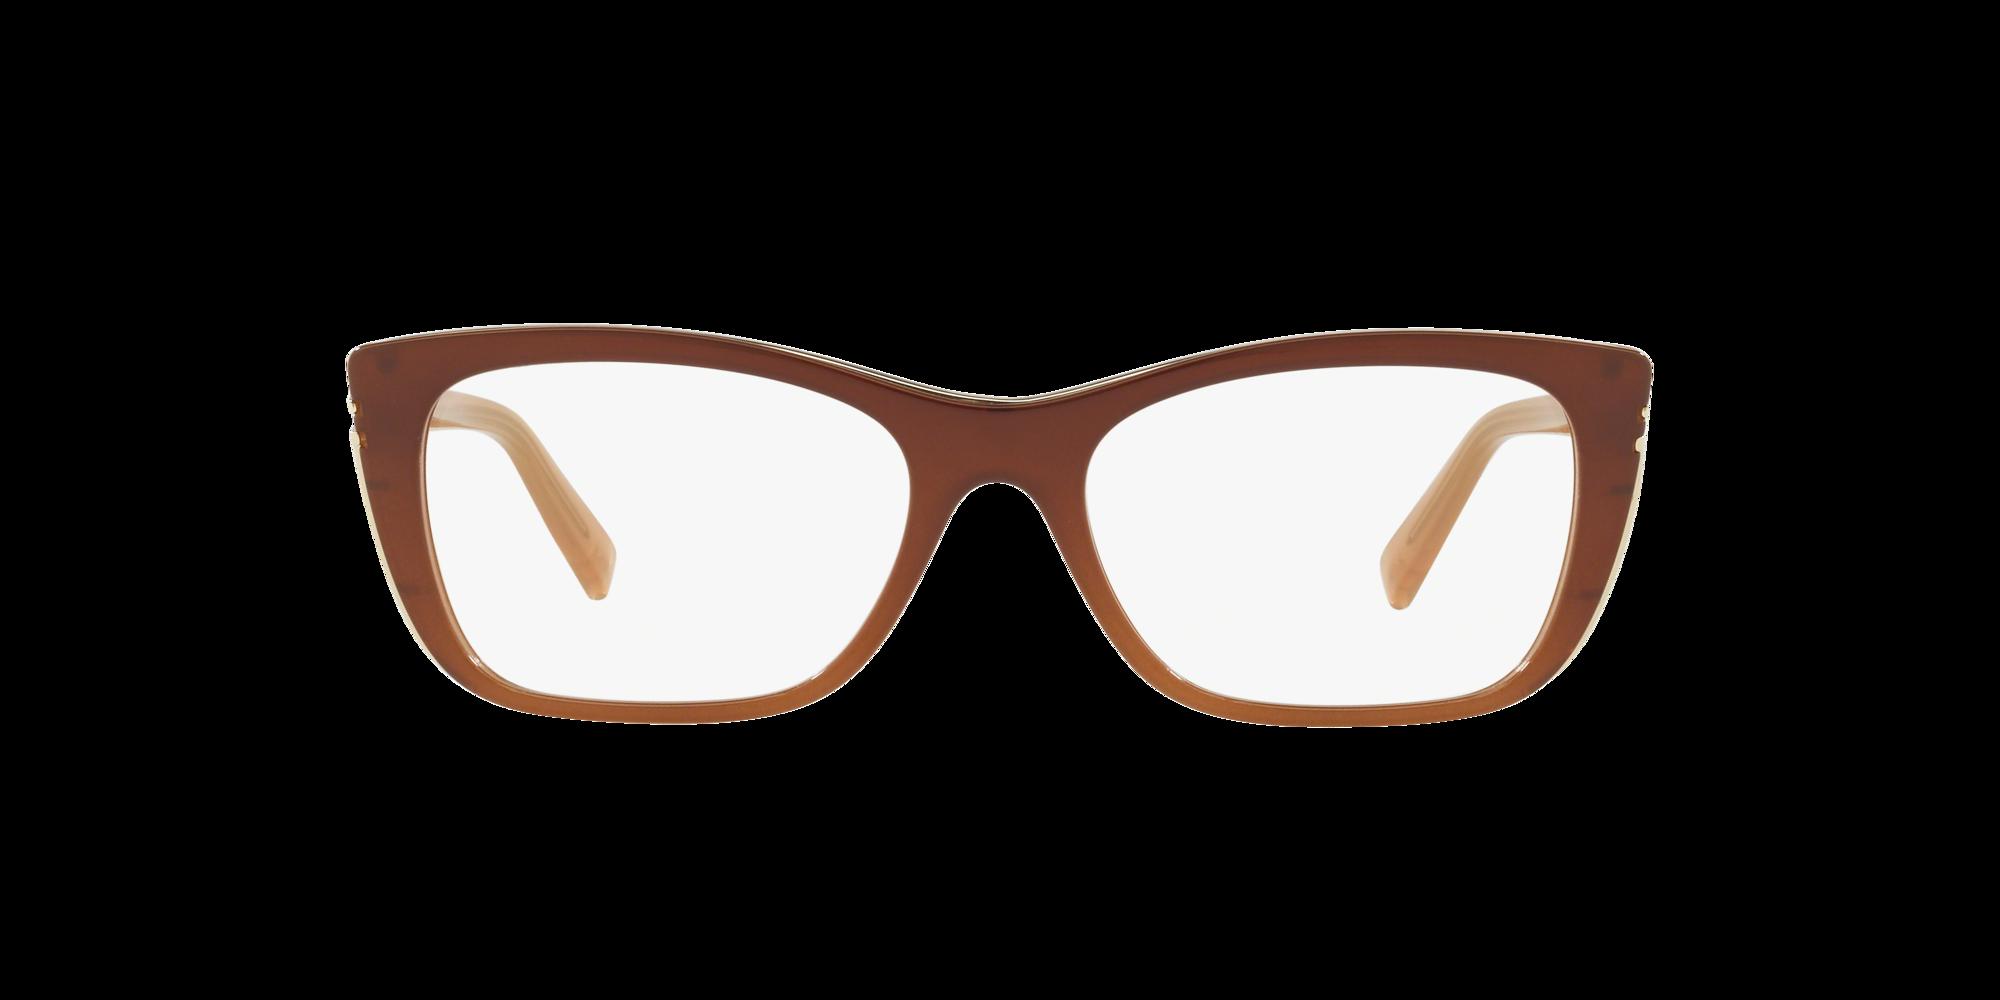 Imagen para TF2174 de LensCrafters |  Espejuelos, espejuelos graduados en línea, gafas